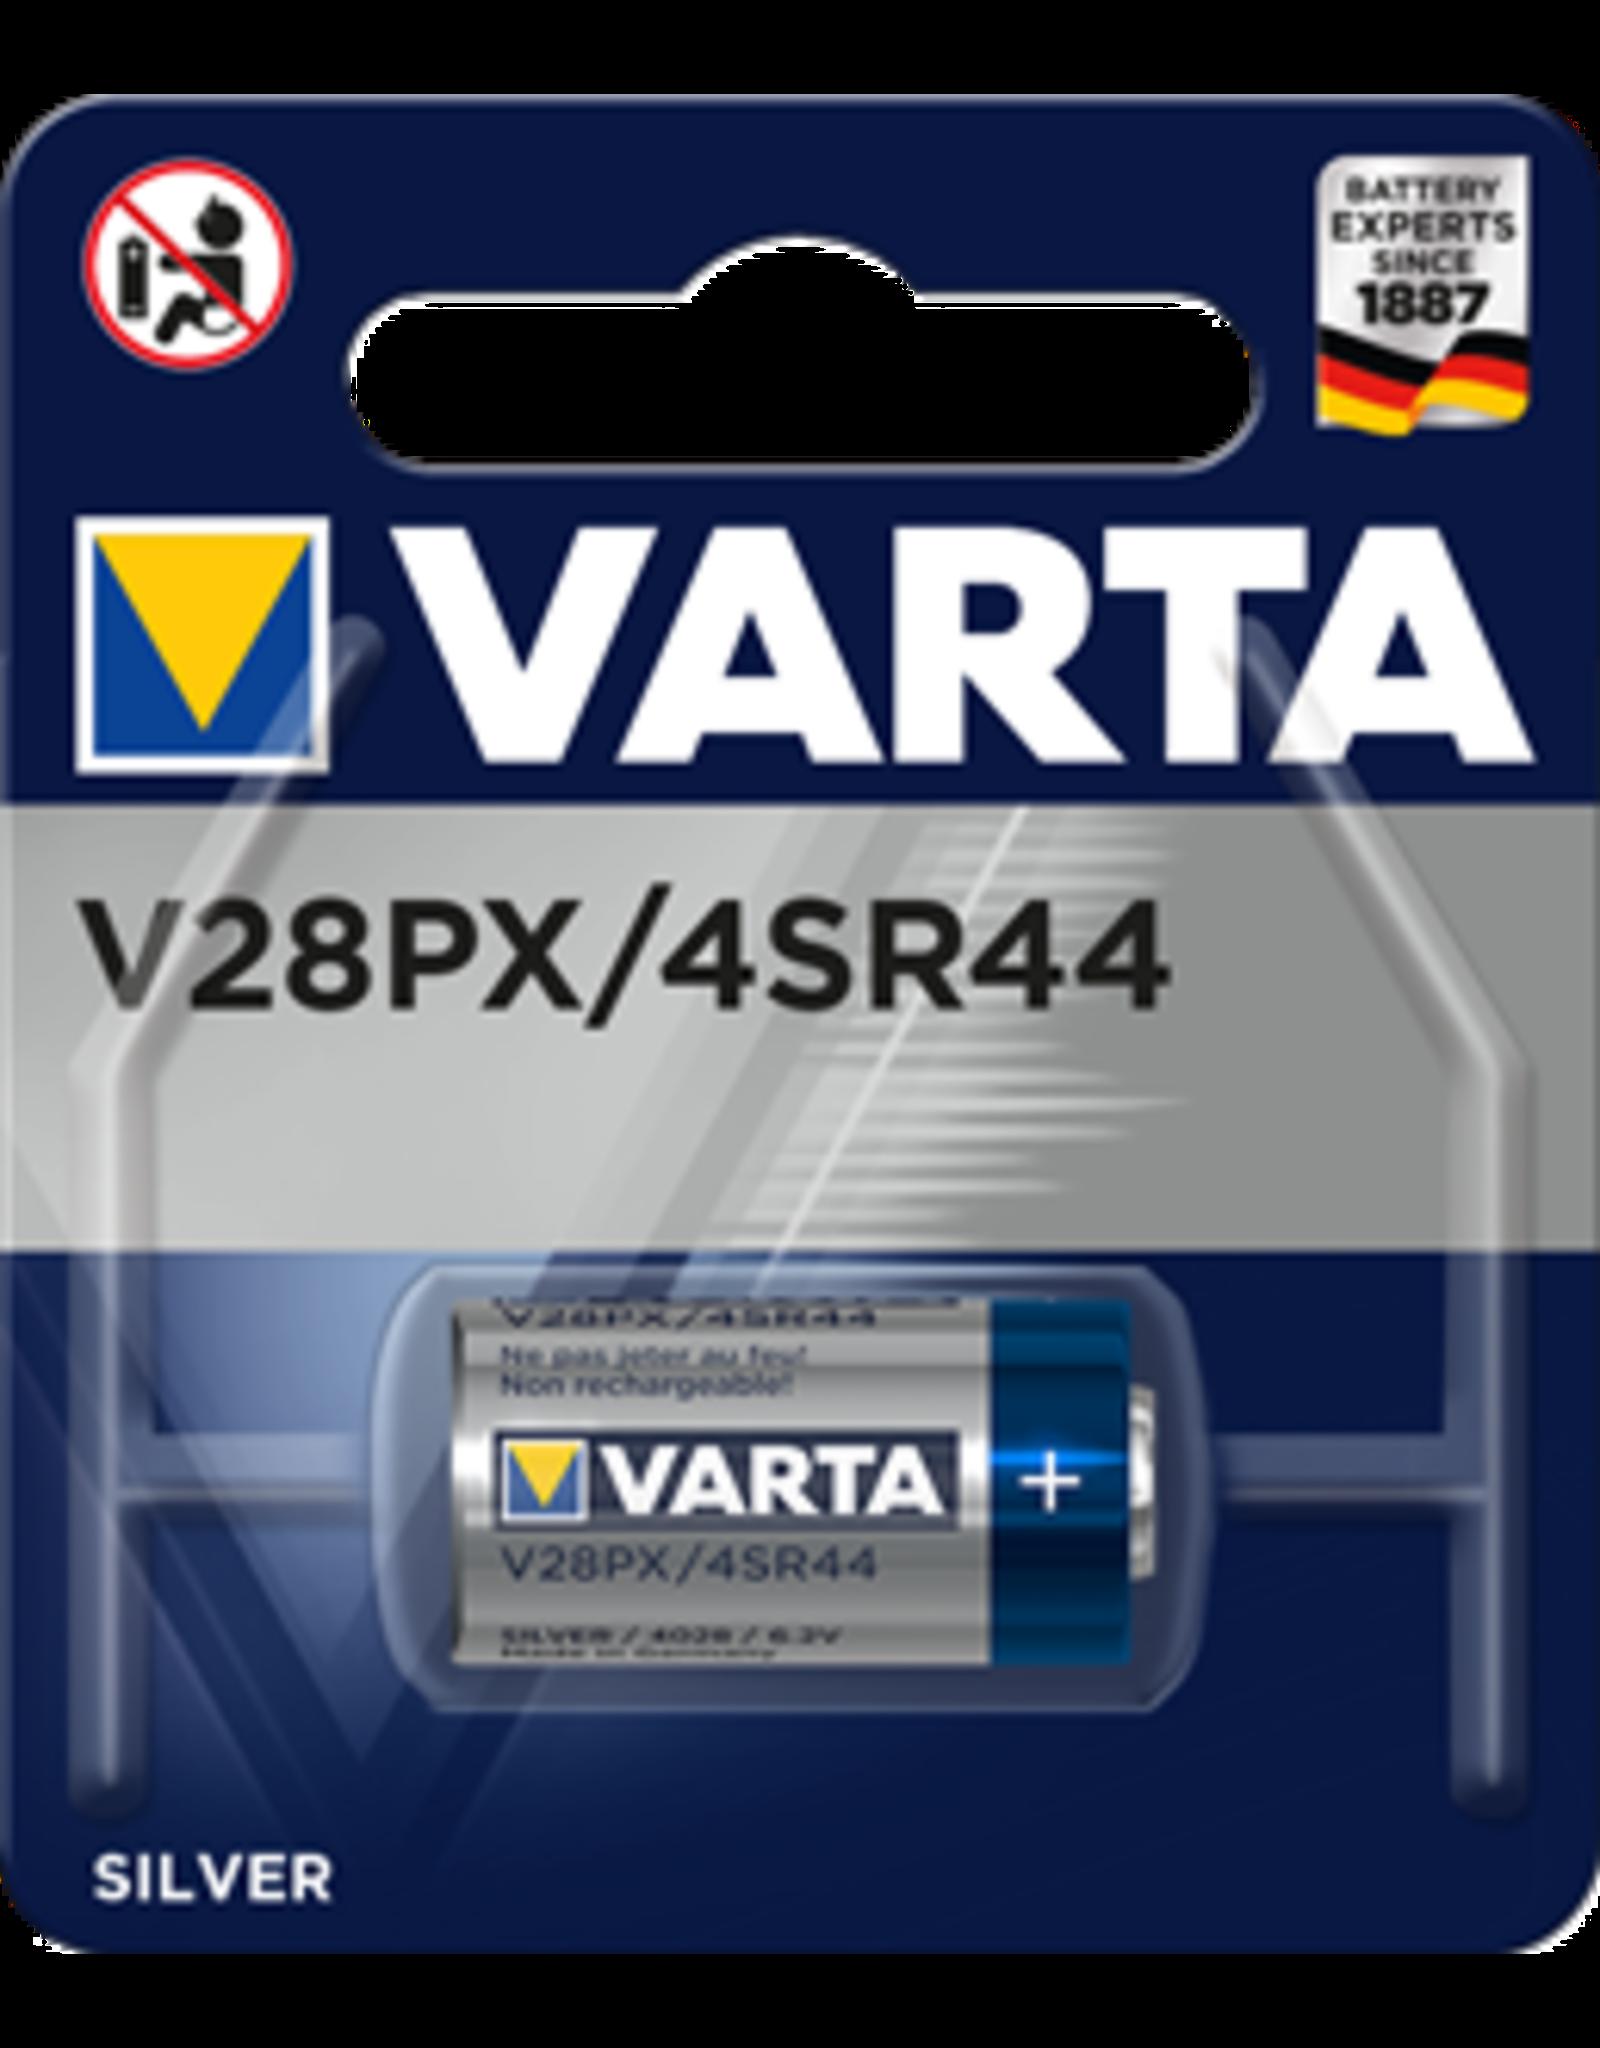 Varta Varta V28PX Silver 6v Battery